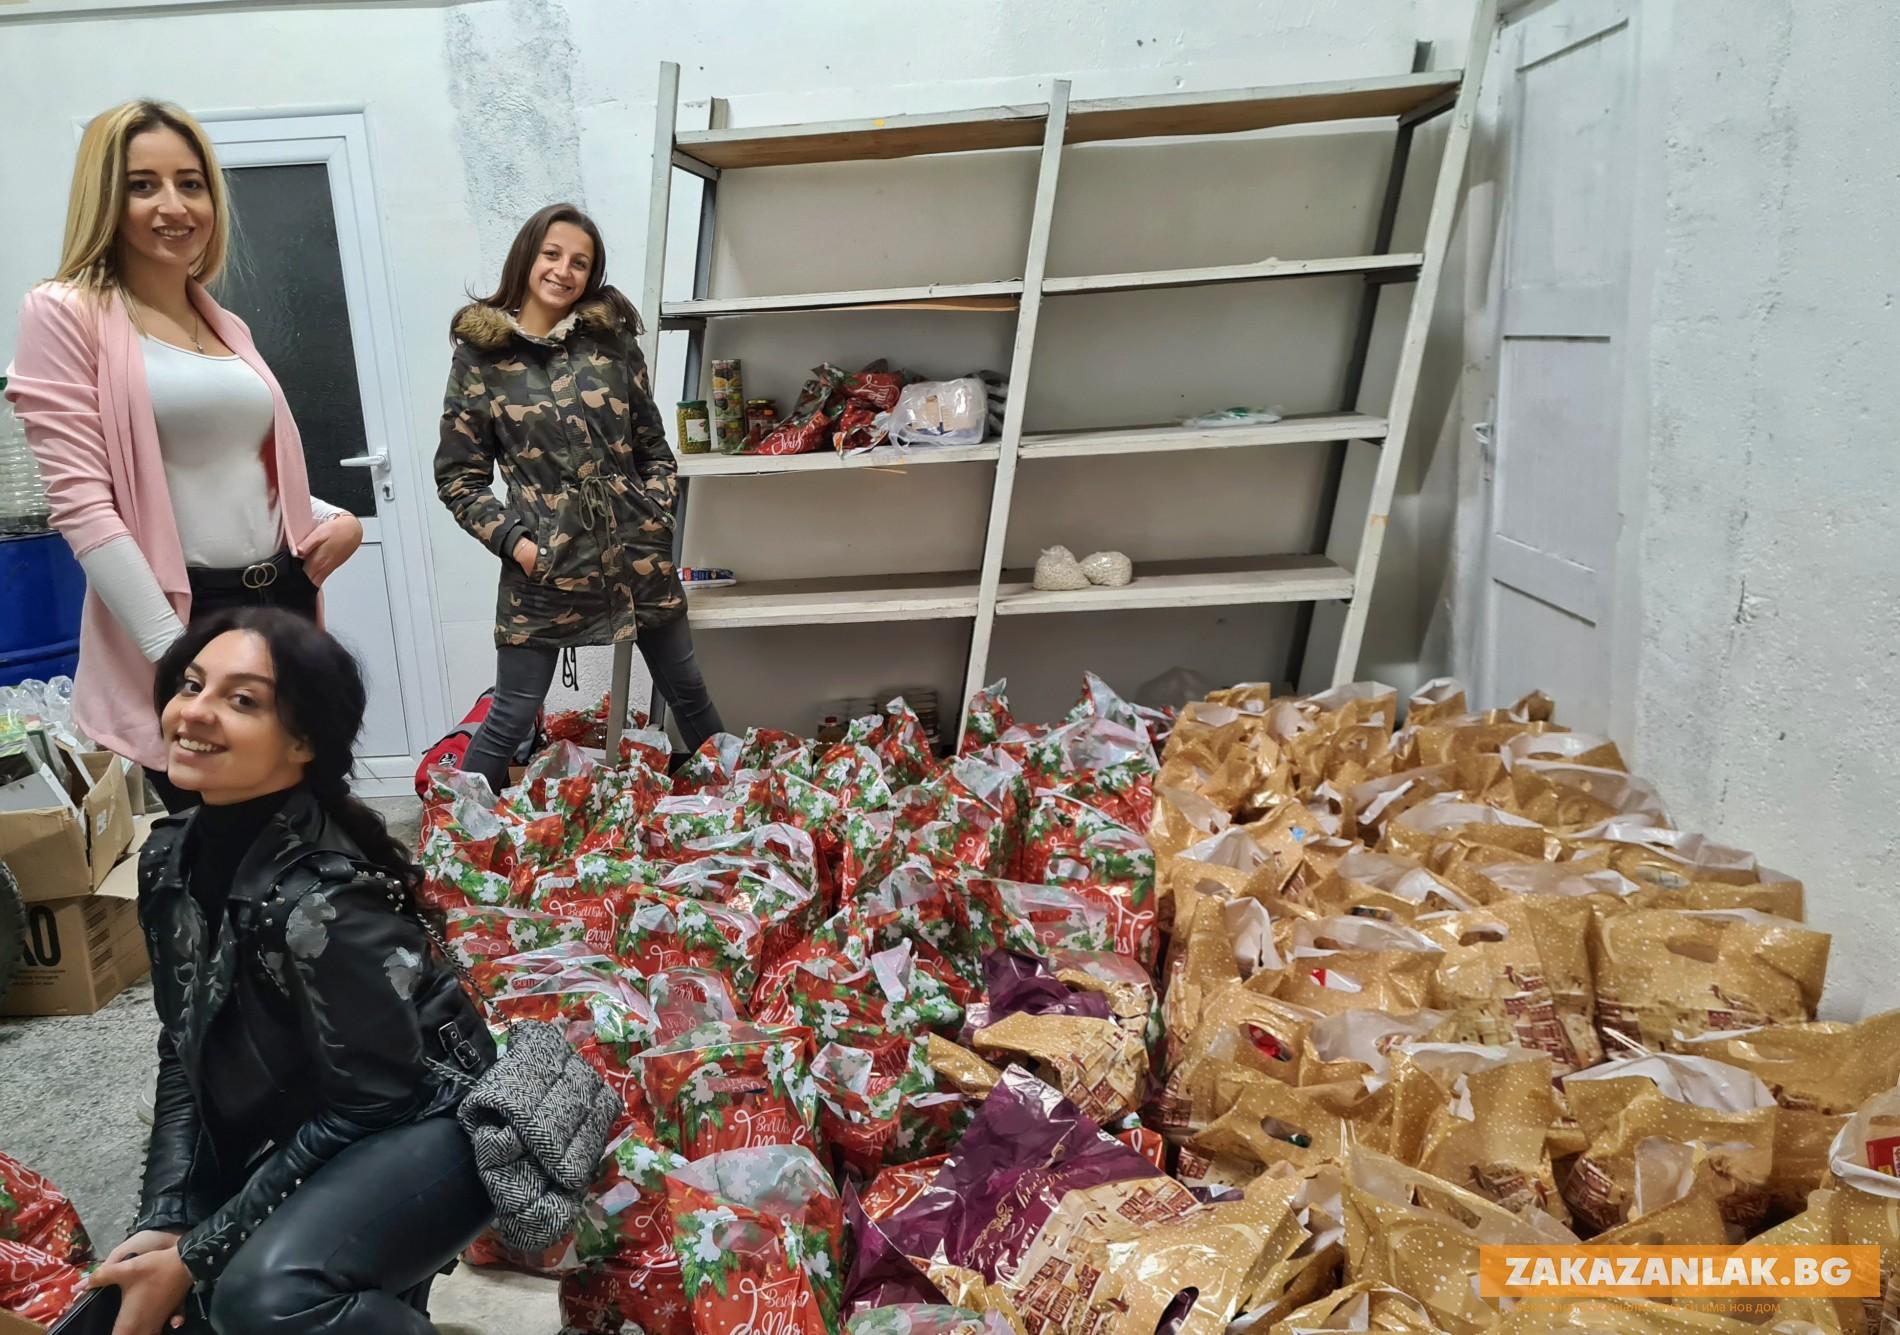 """Над 3500 лева и продукти събраха момичетата в """"Помогни в нужда"""""""